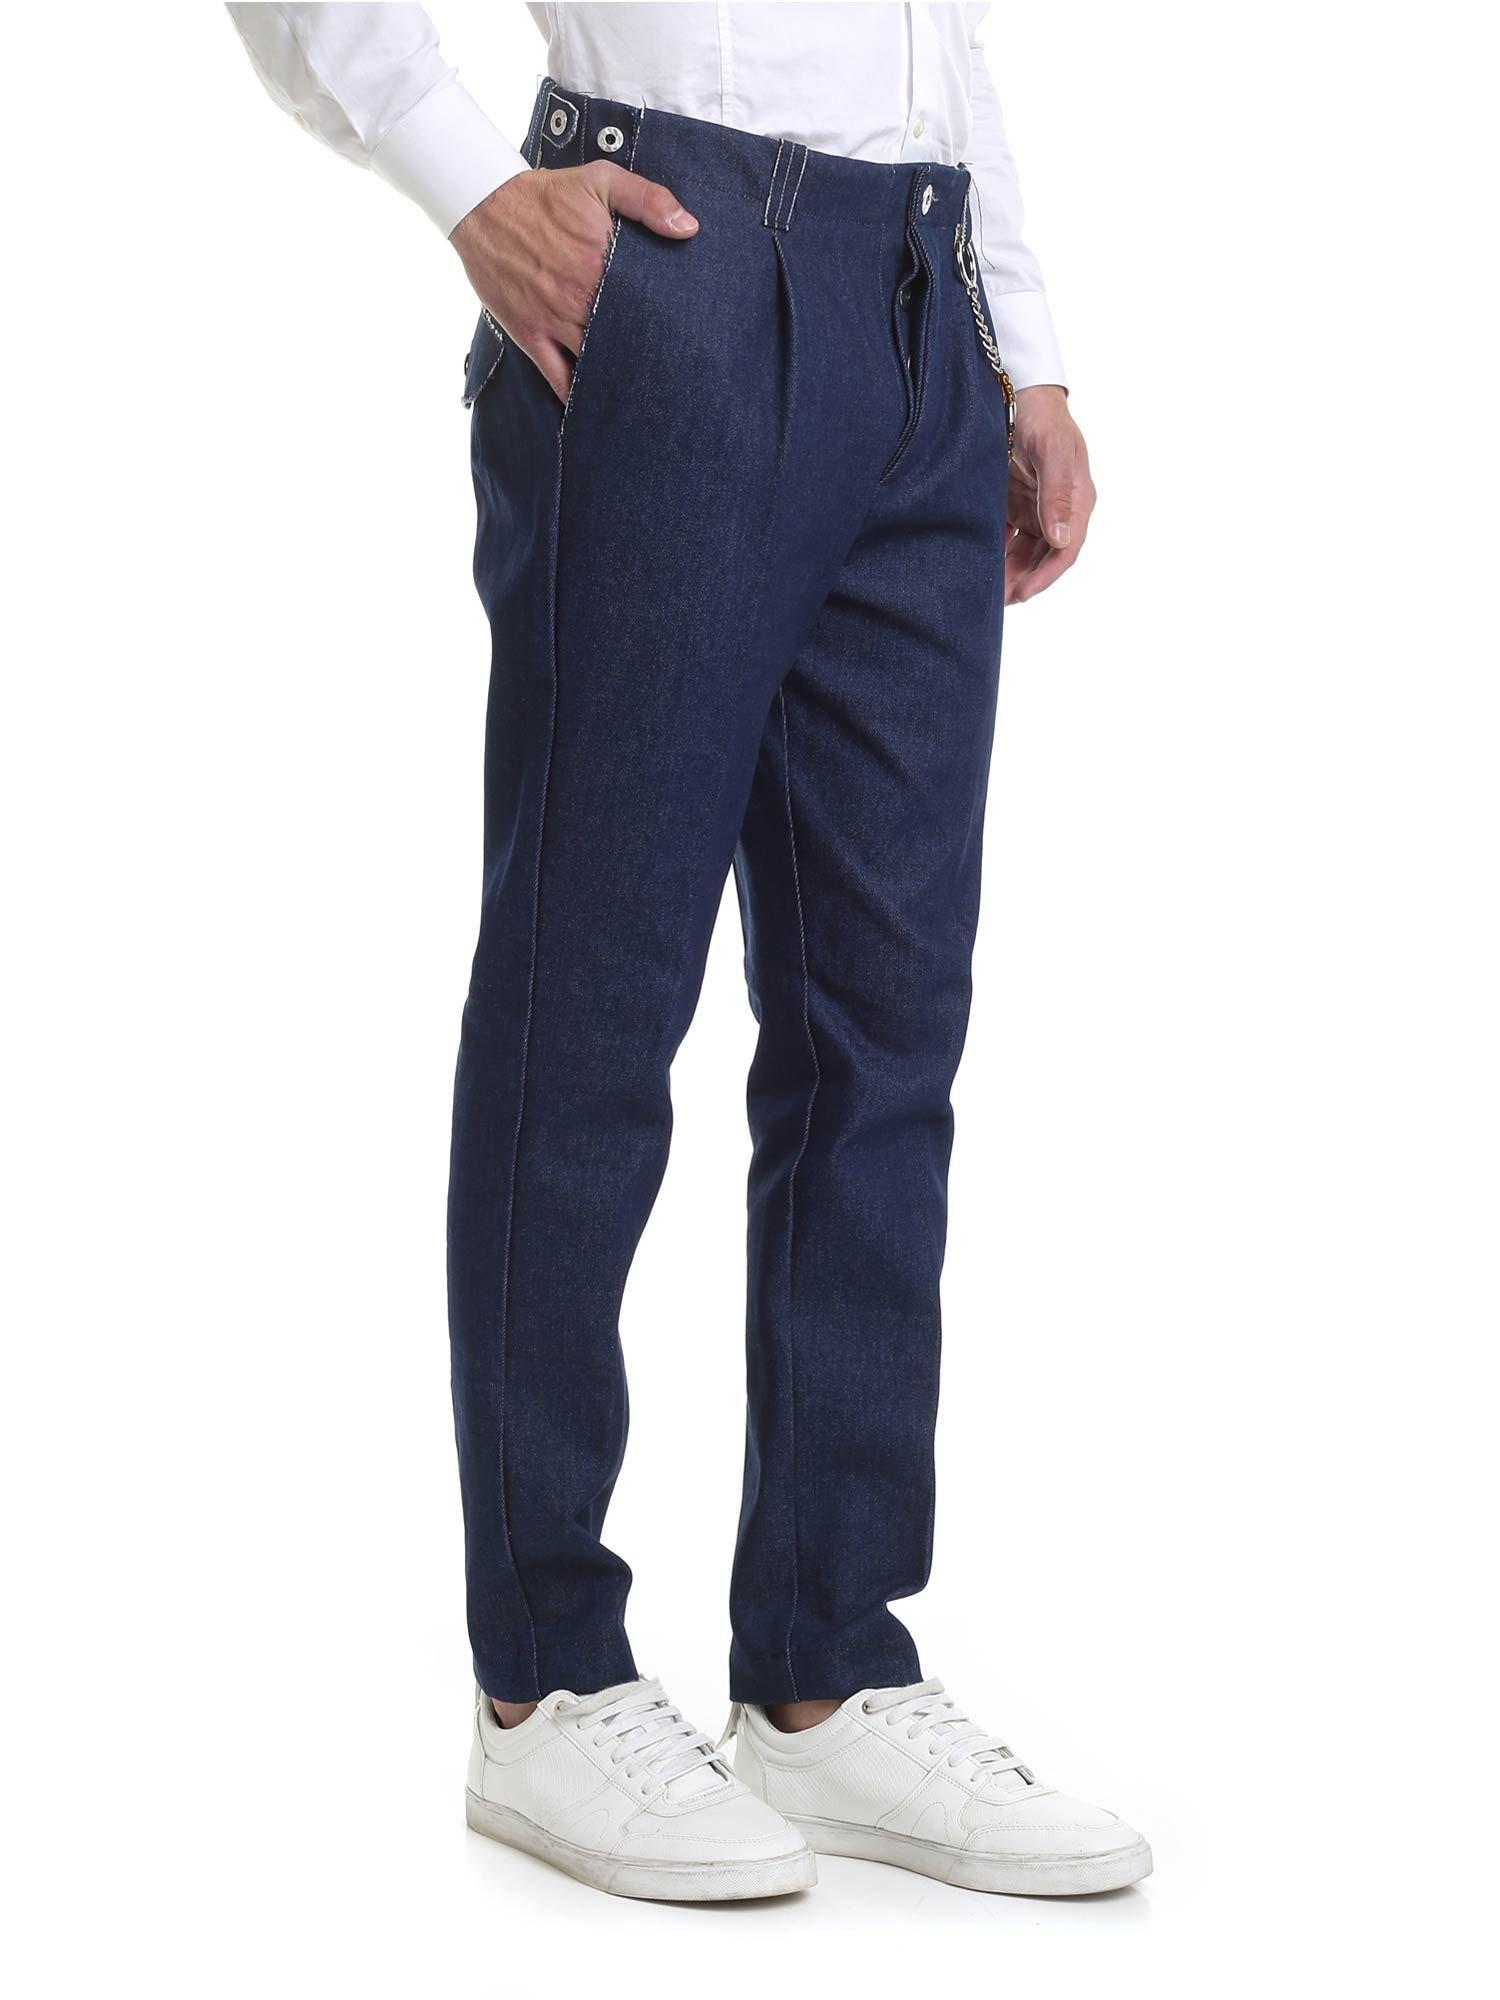 Image of Pantalone R103 denim blue